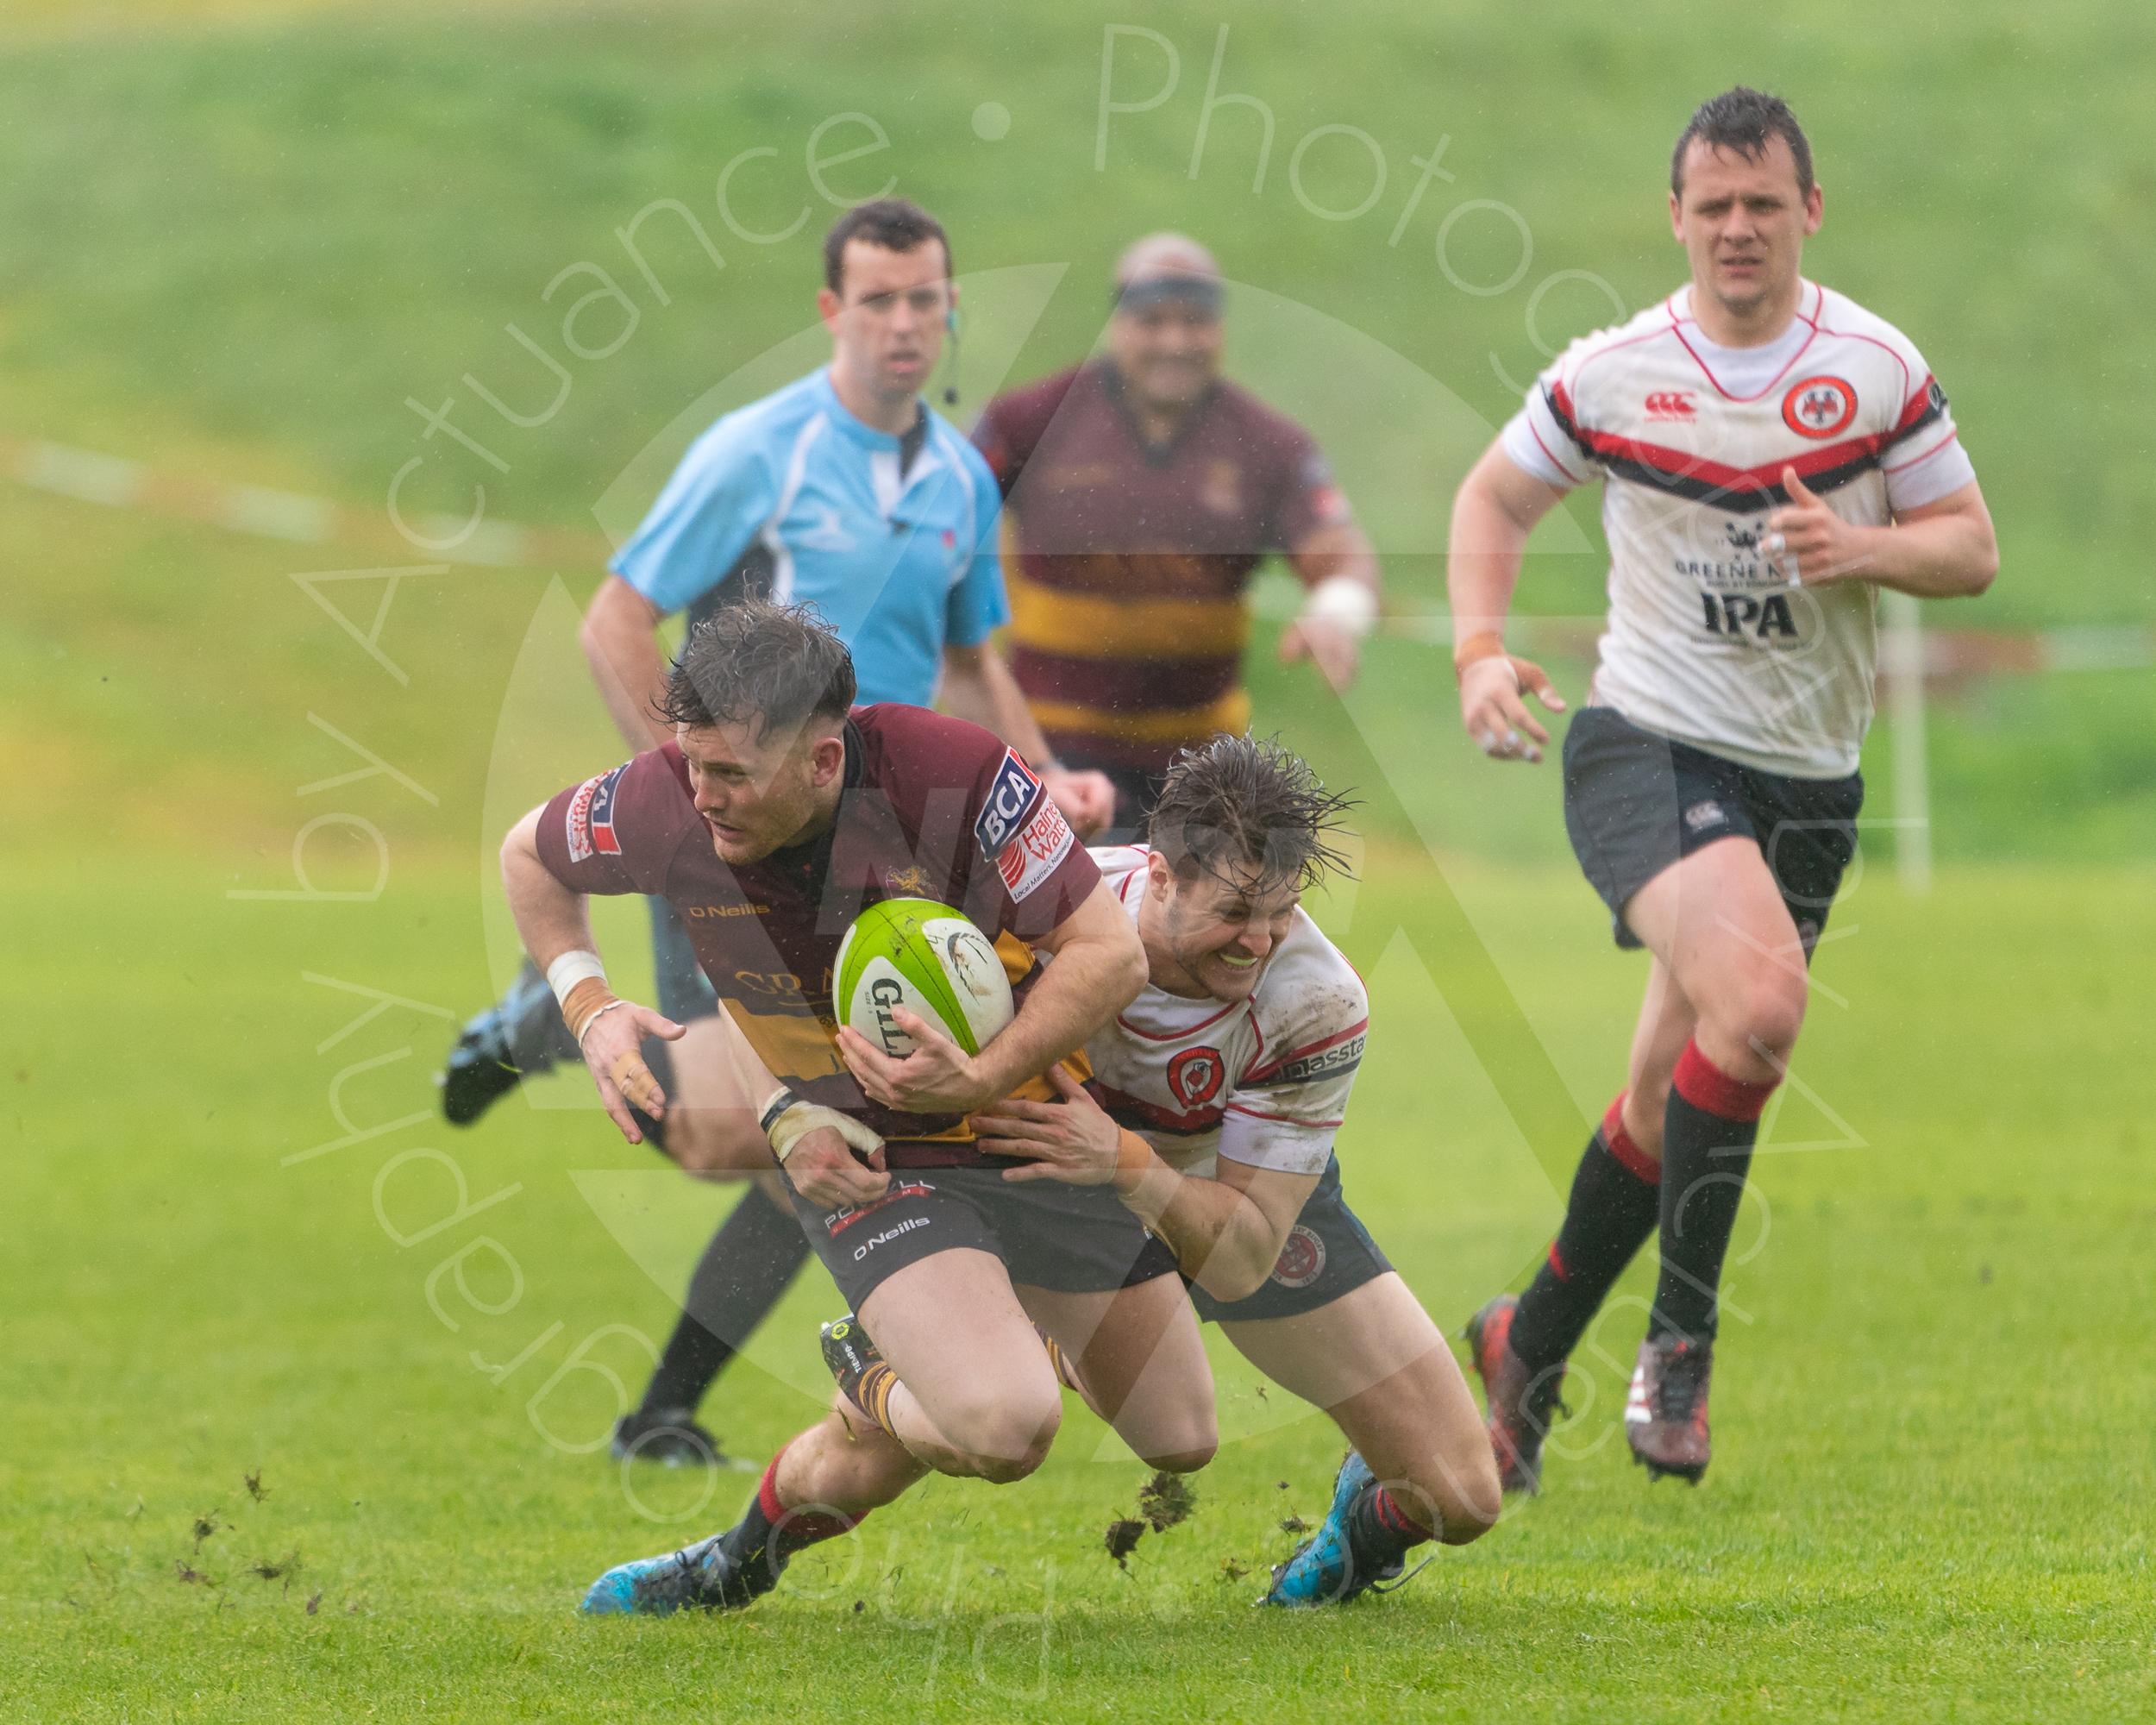 20180428 Ampthill 1st XV vs Moseley #9437